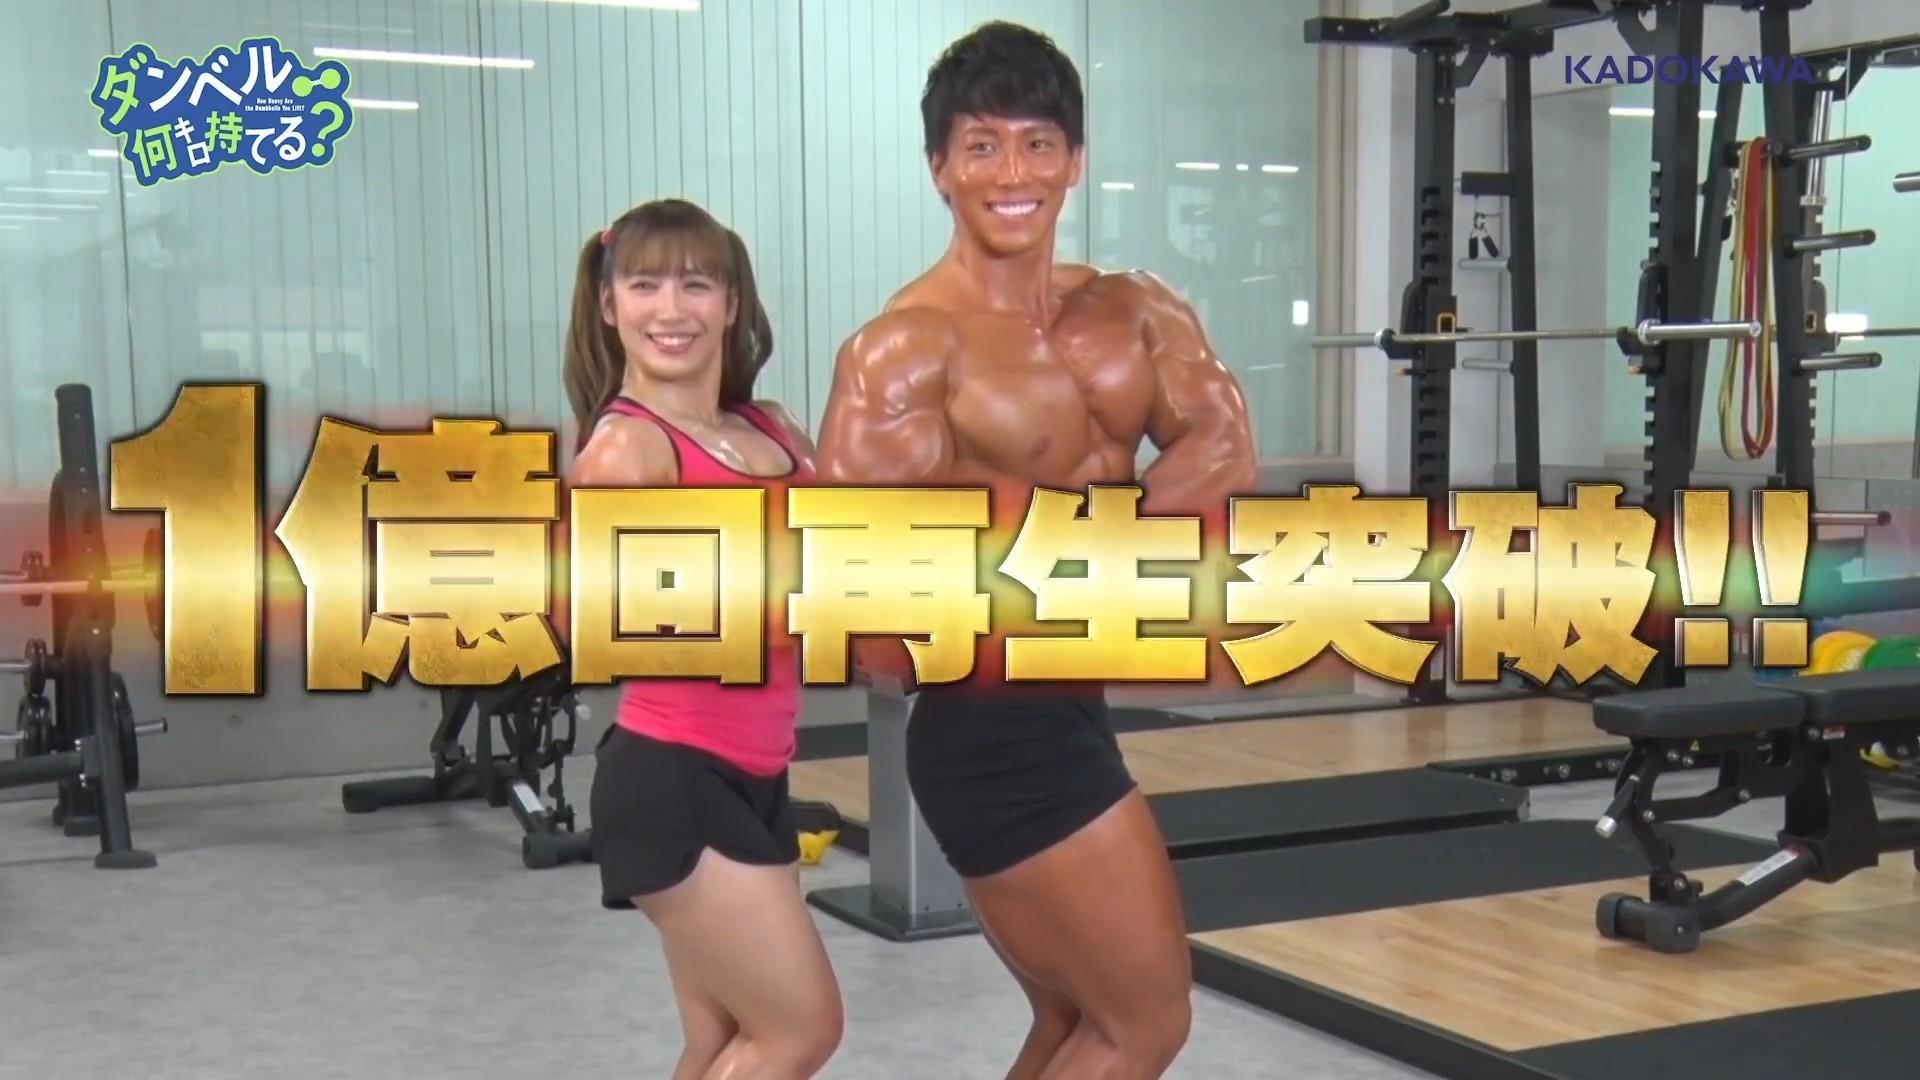 肌肉的力量!《健身少女》动画片头曲MV油管播放破亿,纪念视频公开- ACG17.COM